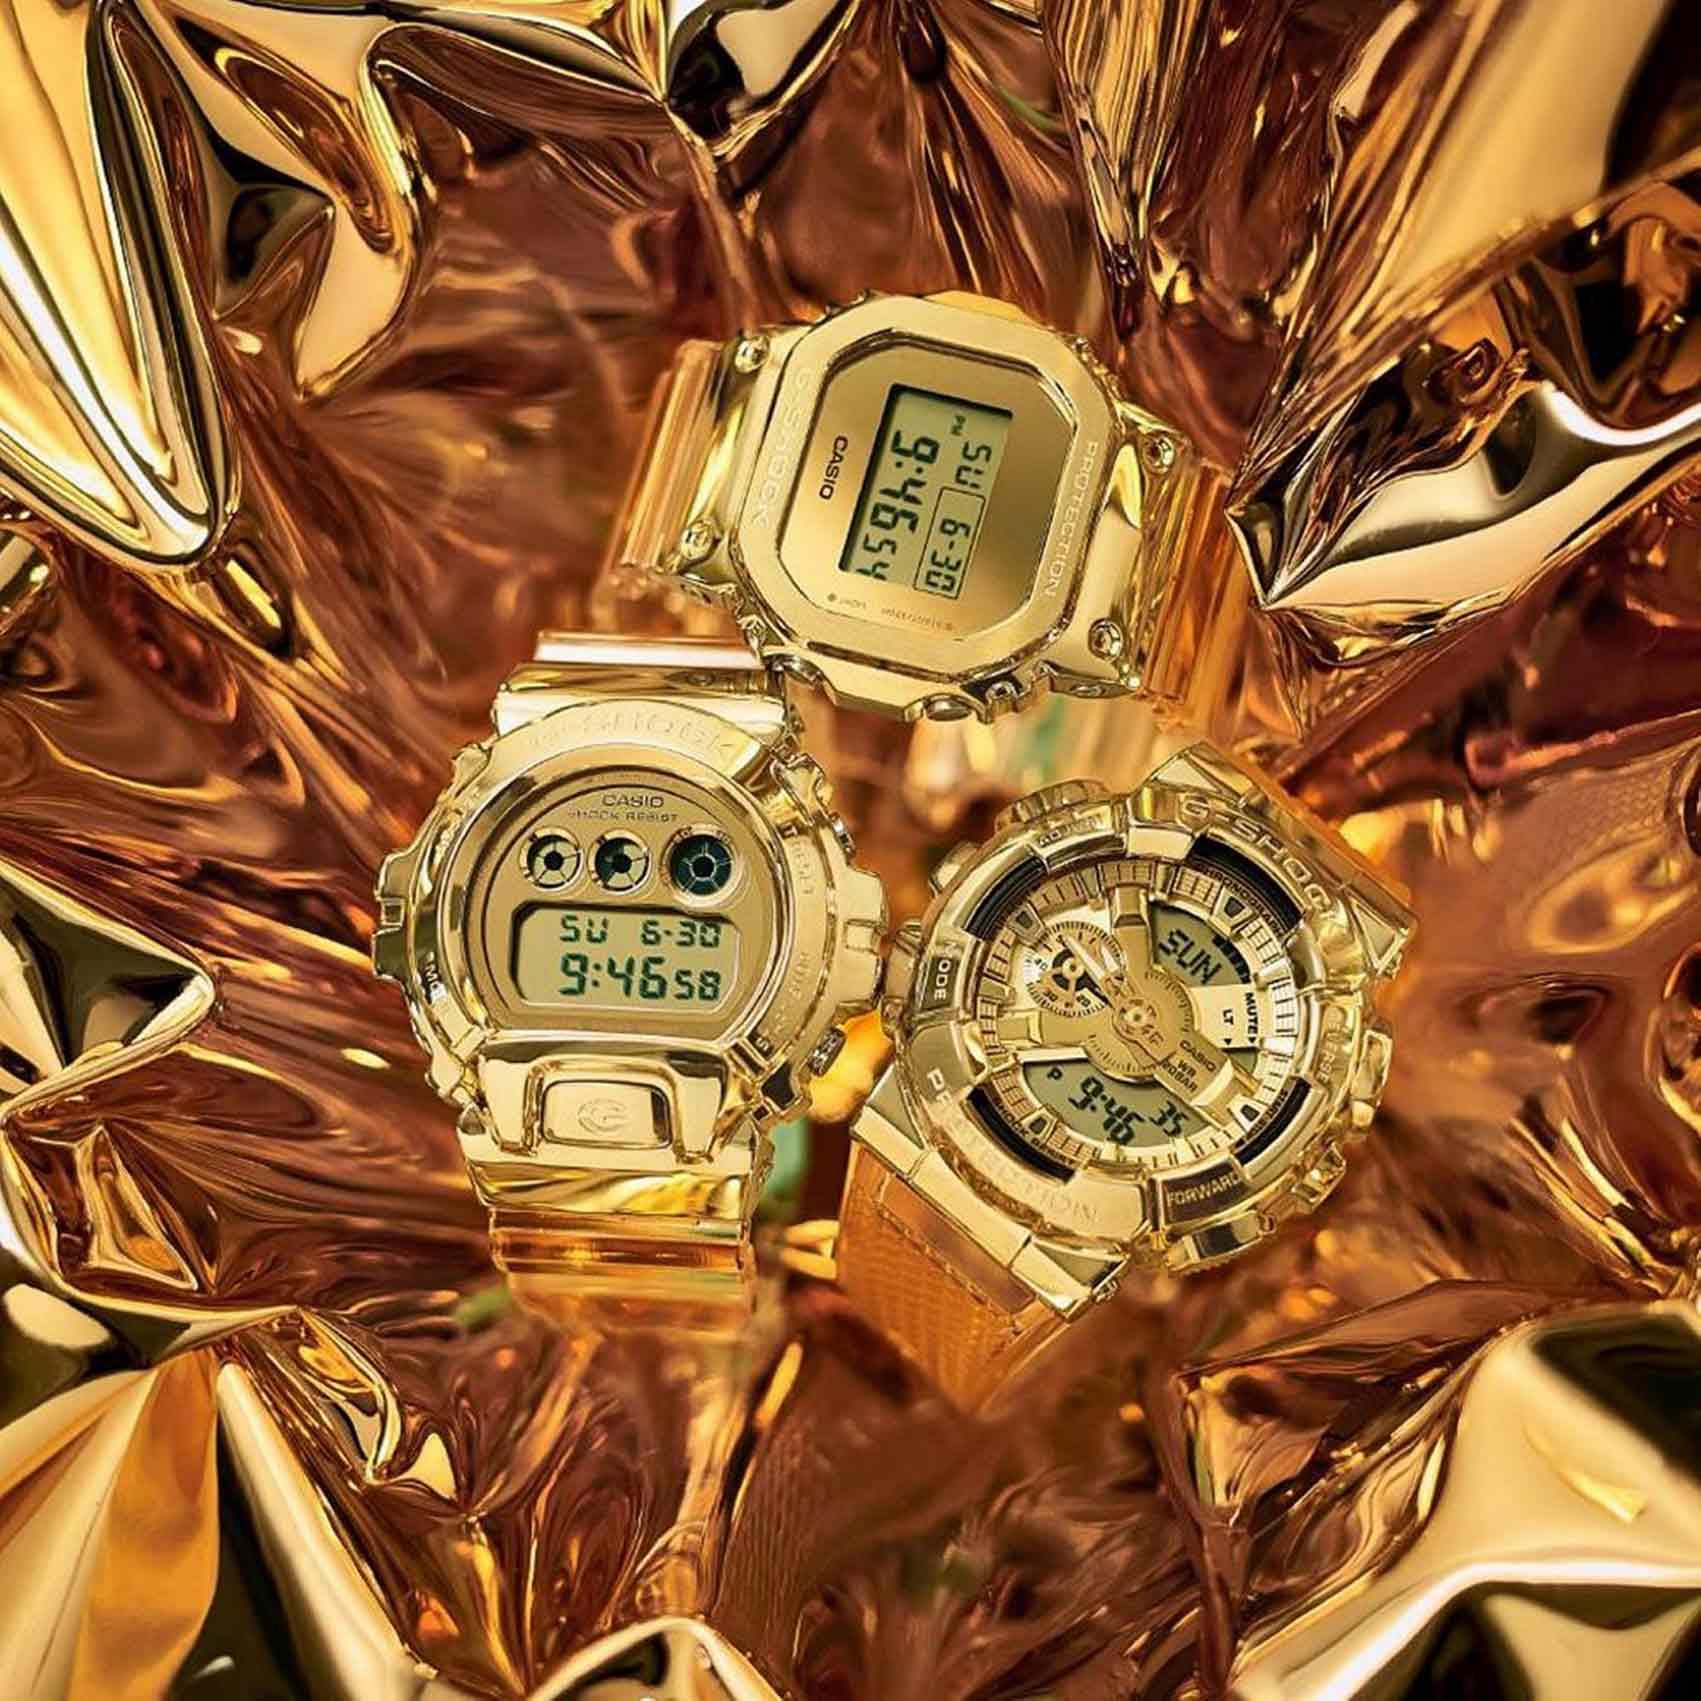 קולקציית-השעונים-המוזהבים-של-,-החל-מ-1139-שח,-להשיג-בחנויות-השעונים-המובחרותאופנה